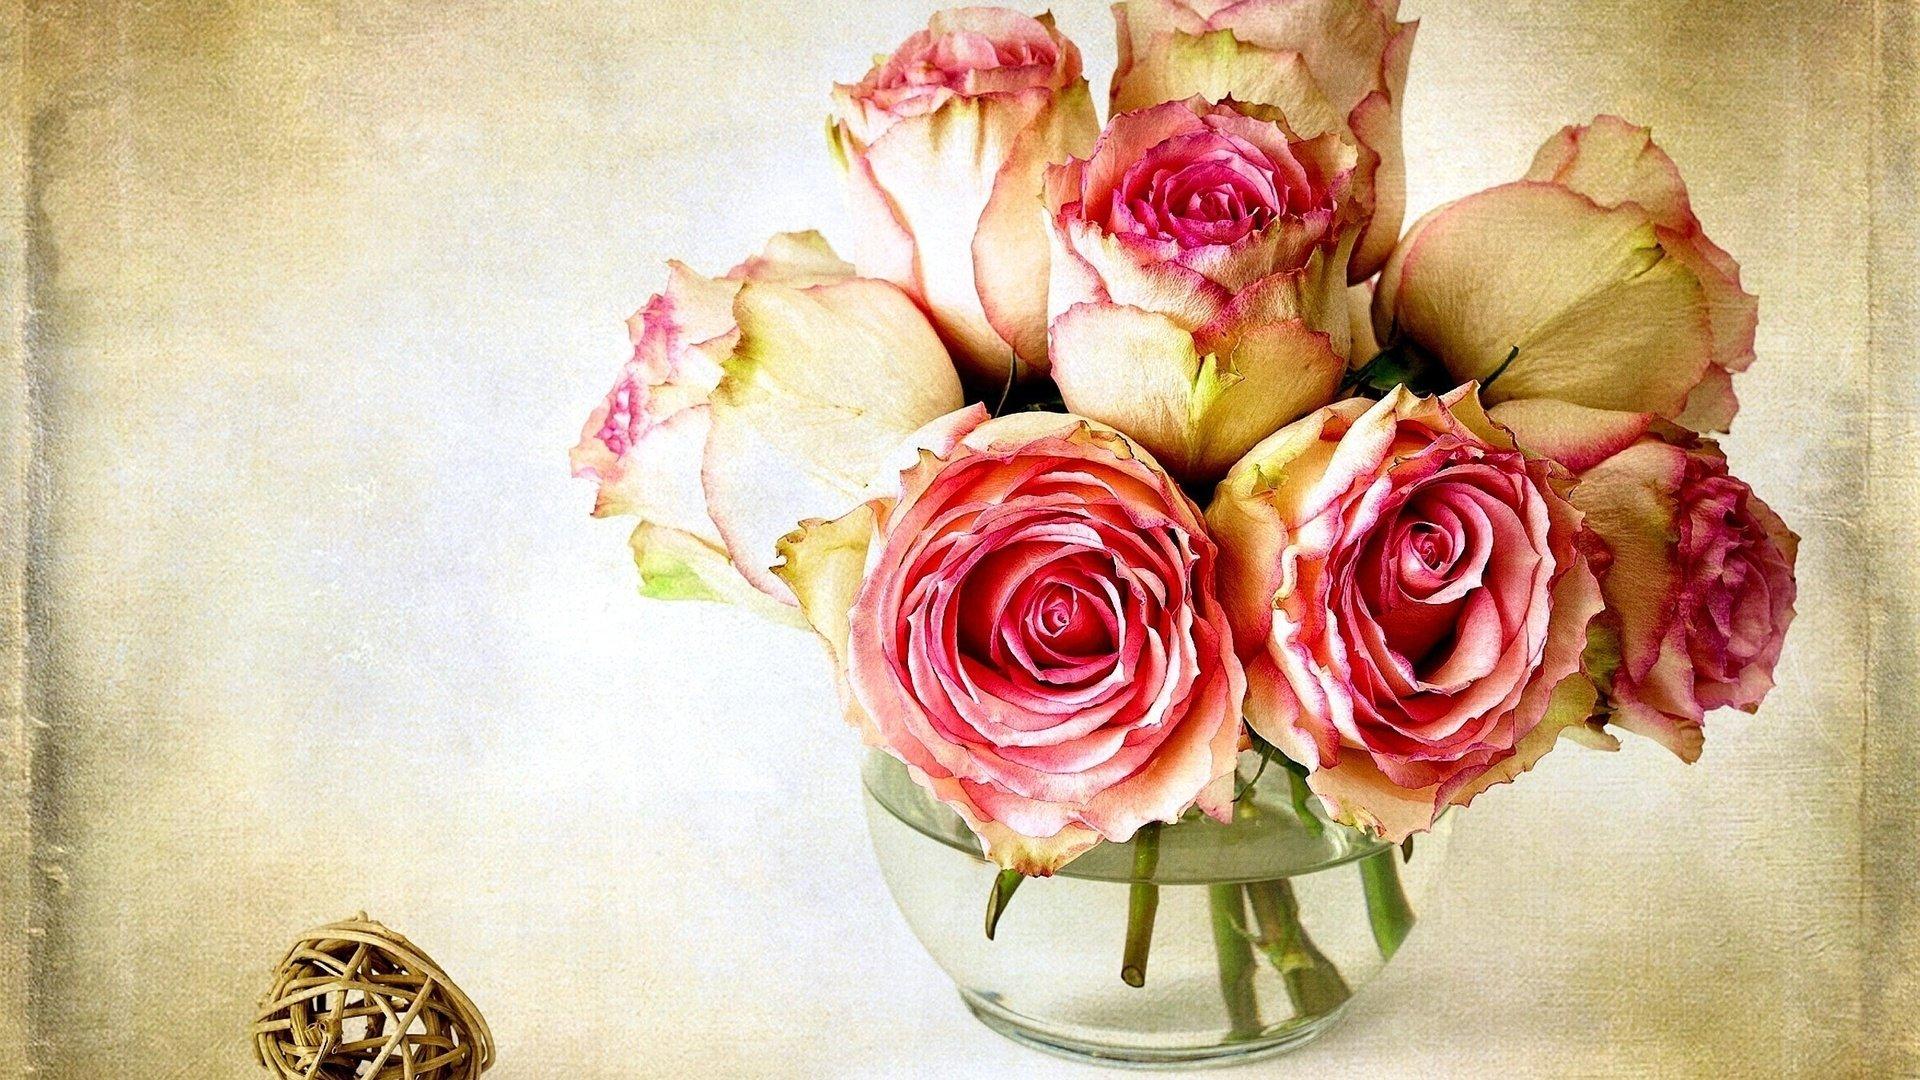 The Vase Wallpaper